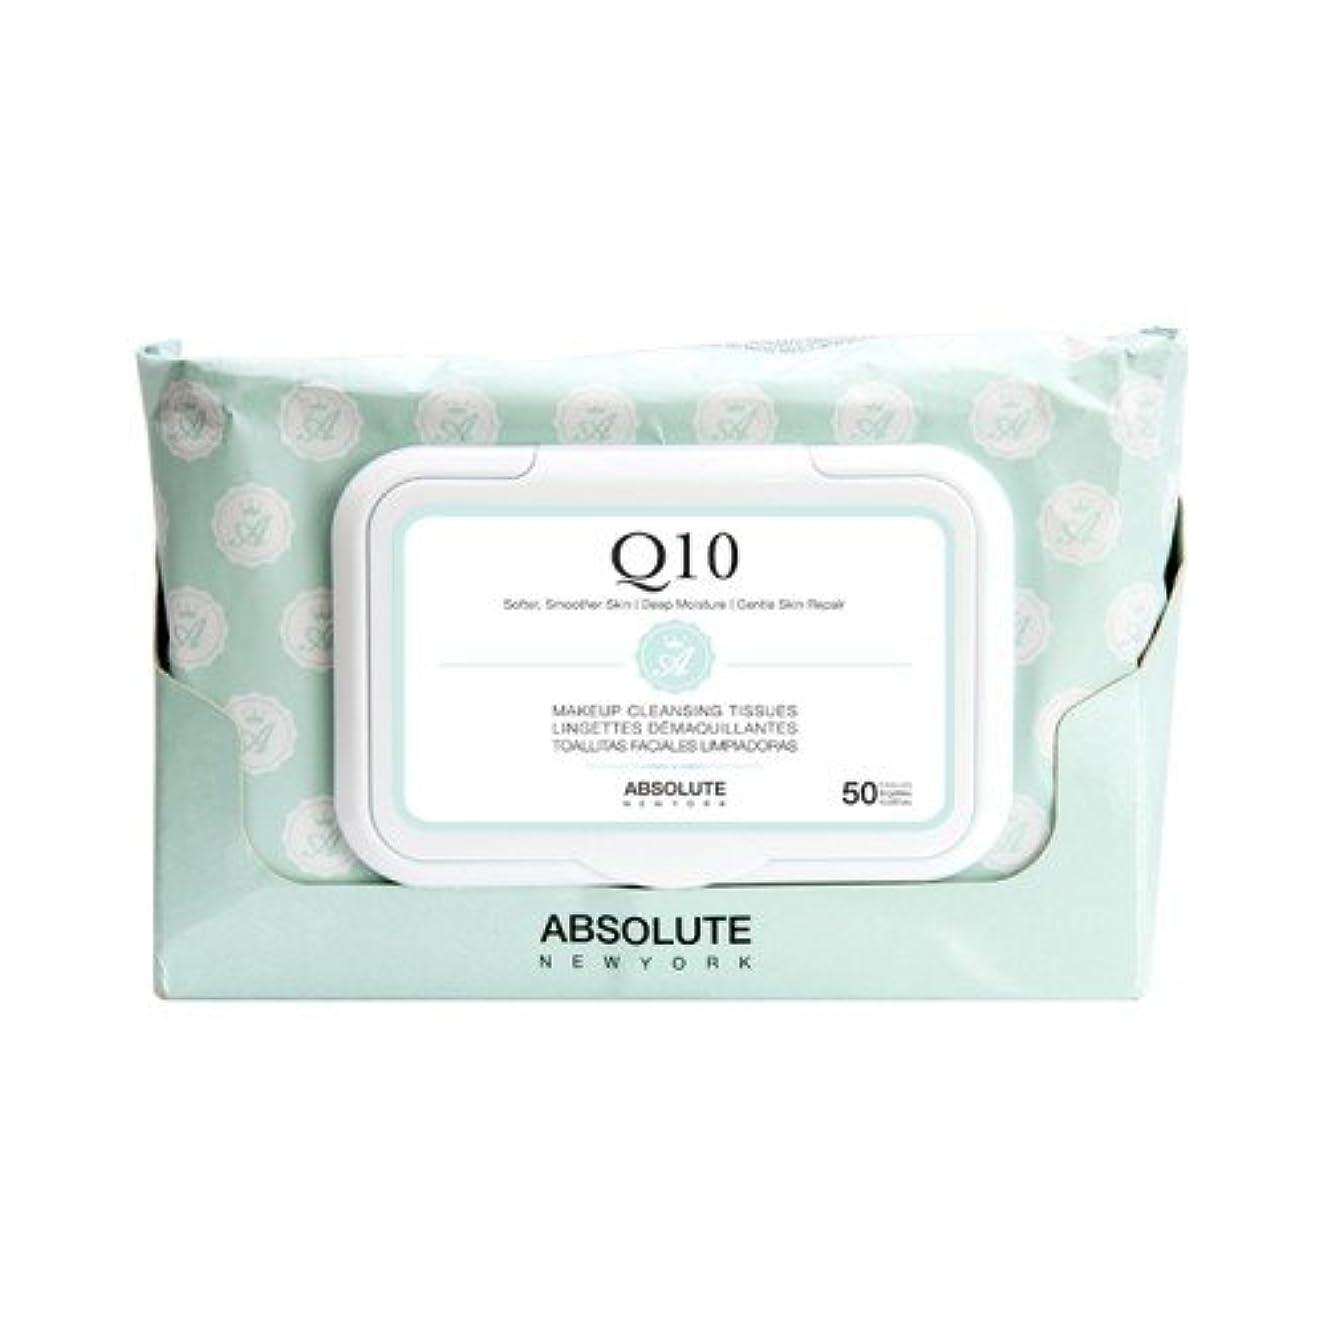 払い戻し鋼反論者(3 Pack) ABSOLUTE Makeup Cleansing Tissue 50CT - Q10 (並行輸入品)